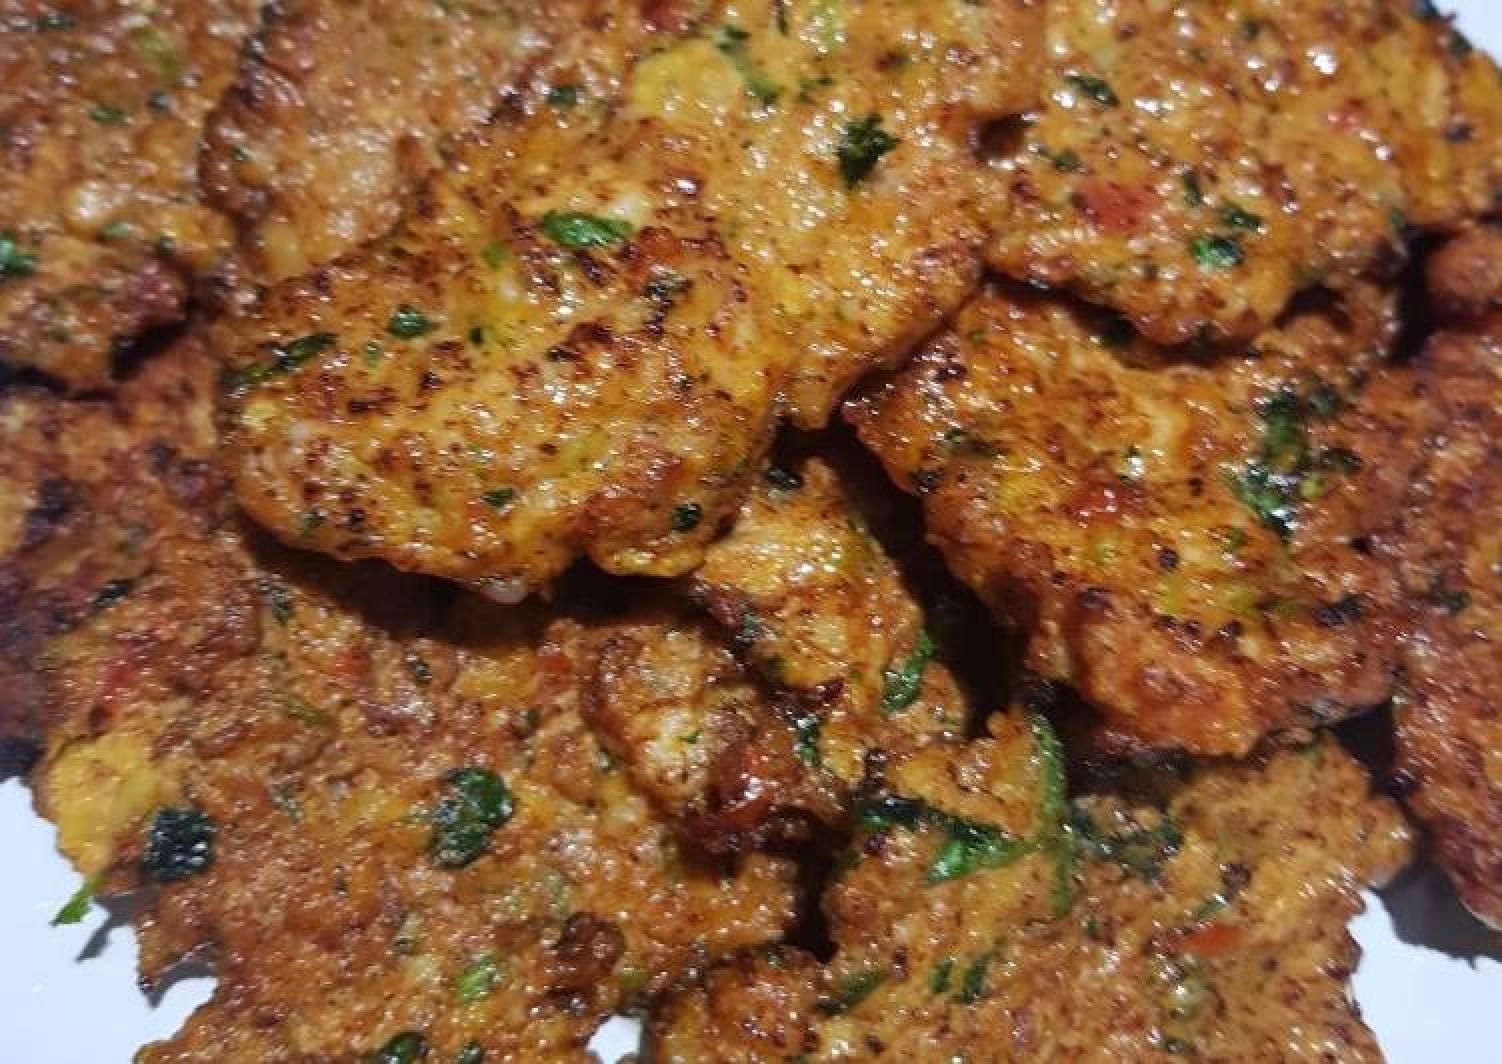 My homemade chicken kebabs (shifta)